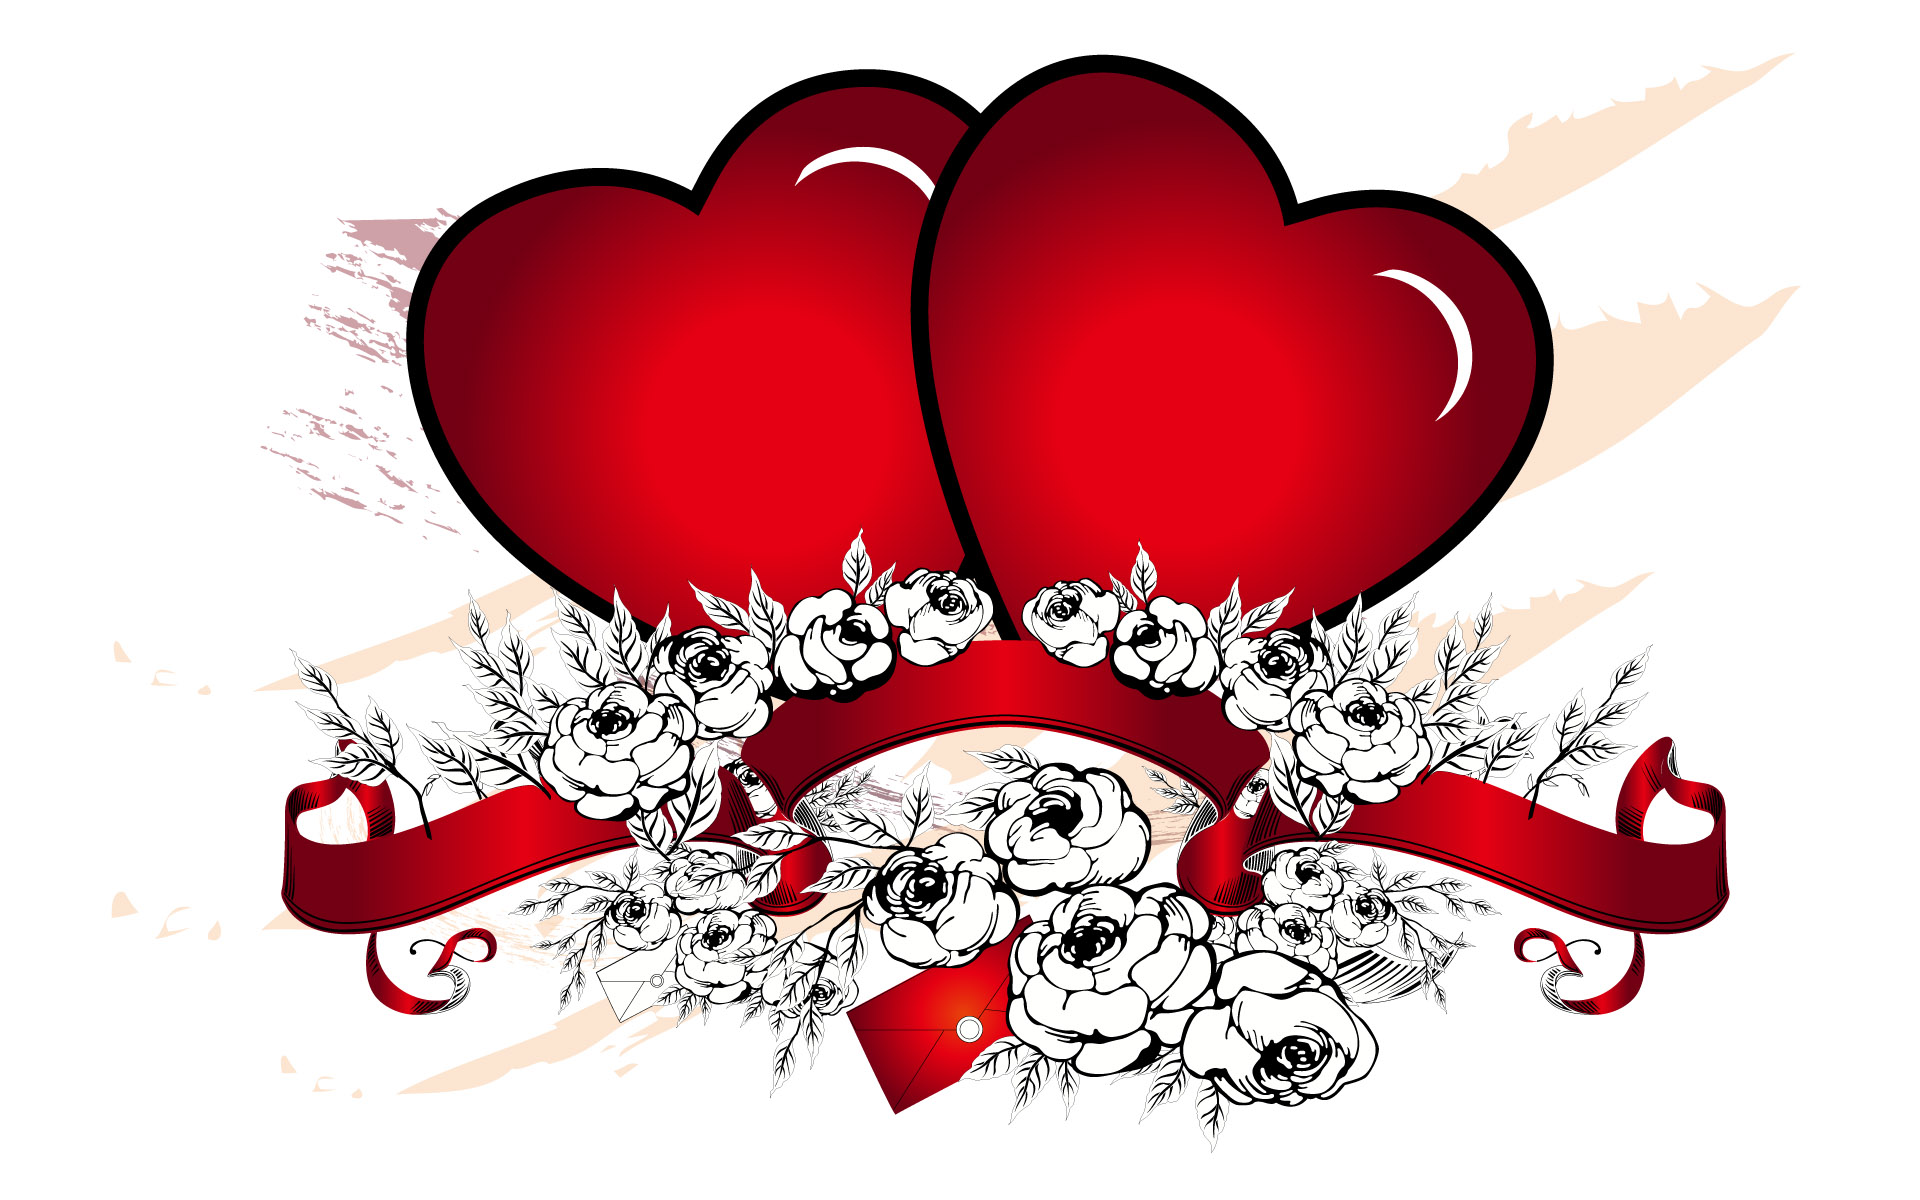 San Valentino 2014 - 10 cose da non fare a San Valentino